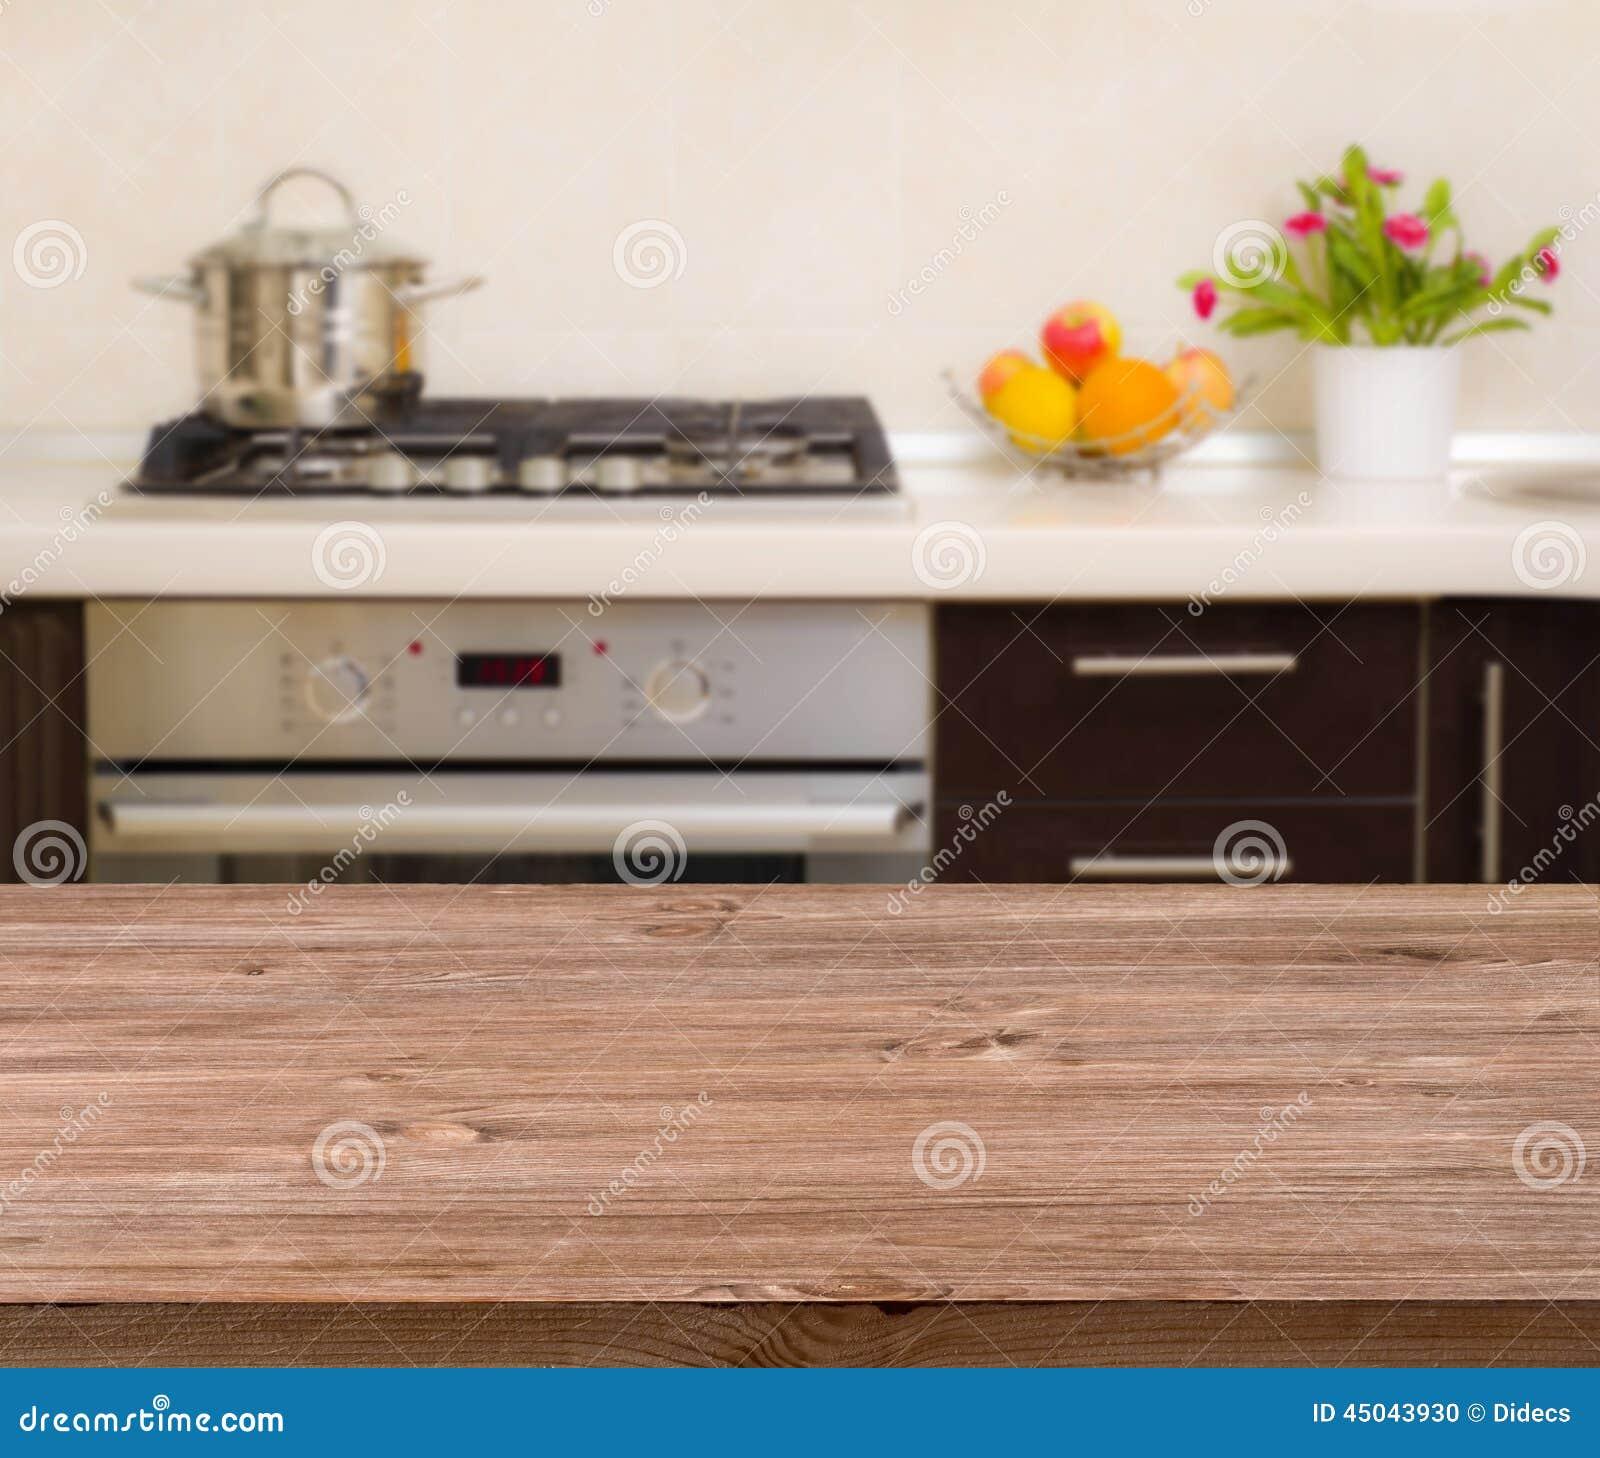 Table cuisine moderne for Arrangement de cuisine